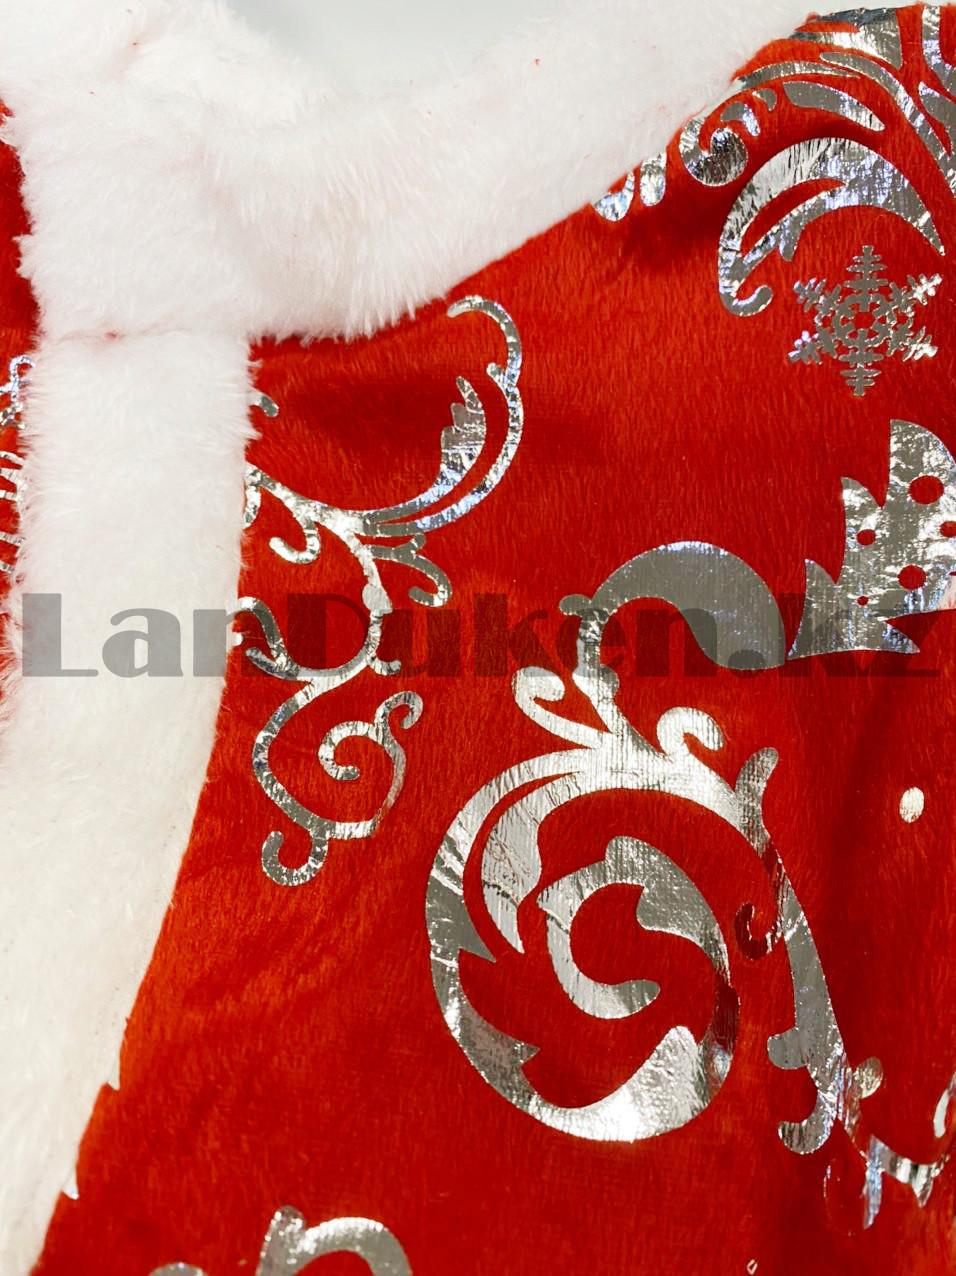 Костюм детский карнавальный раздельный Санты Клауса Santa Claus с узором - фото 10